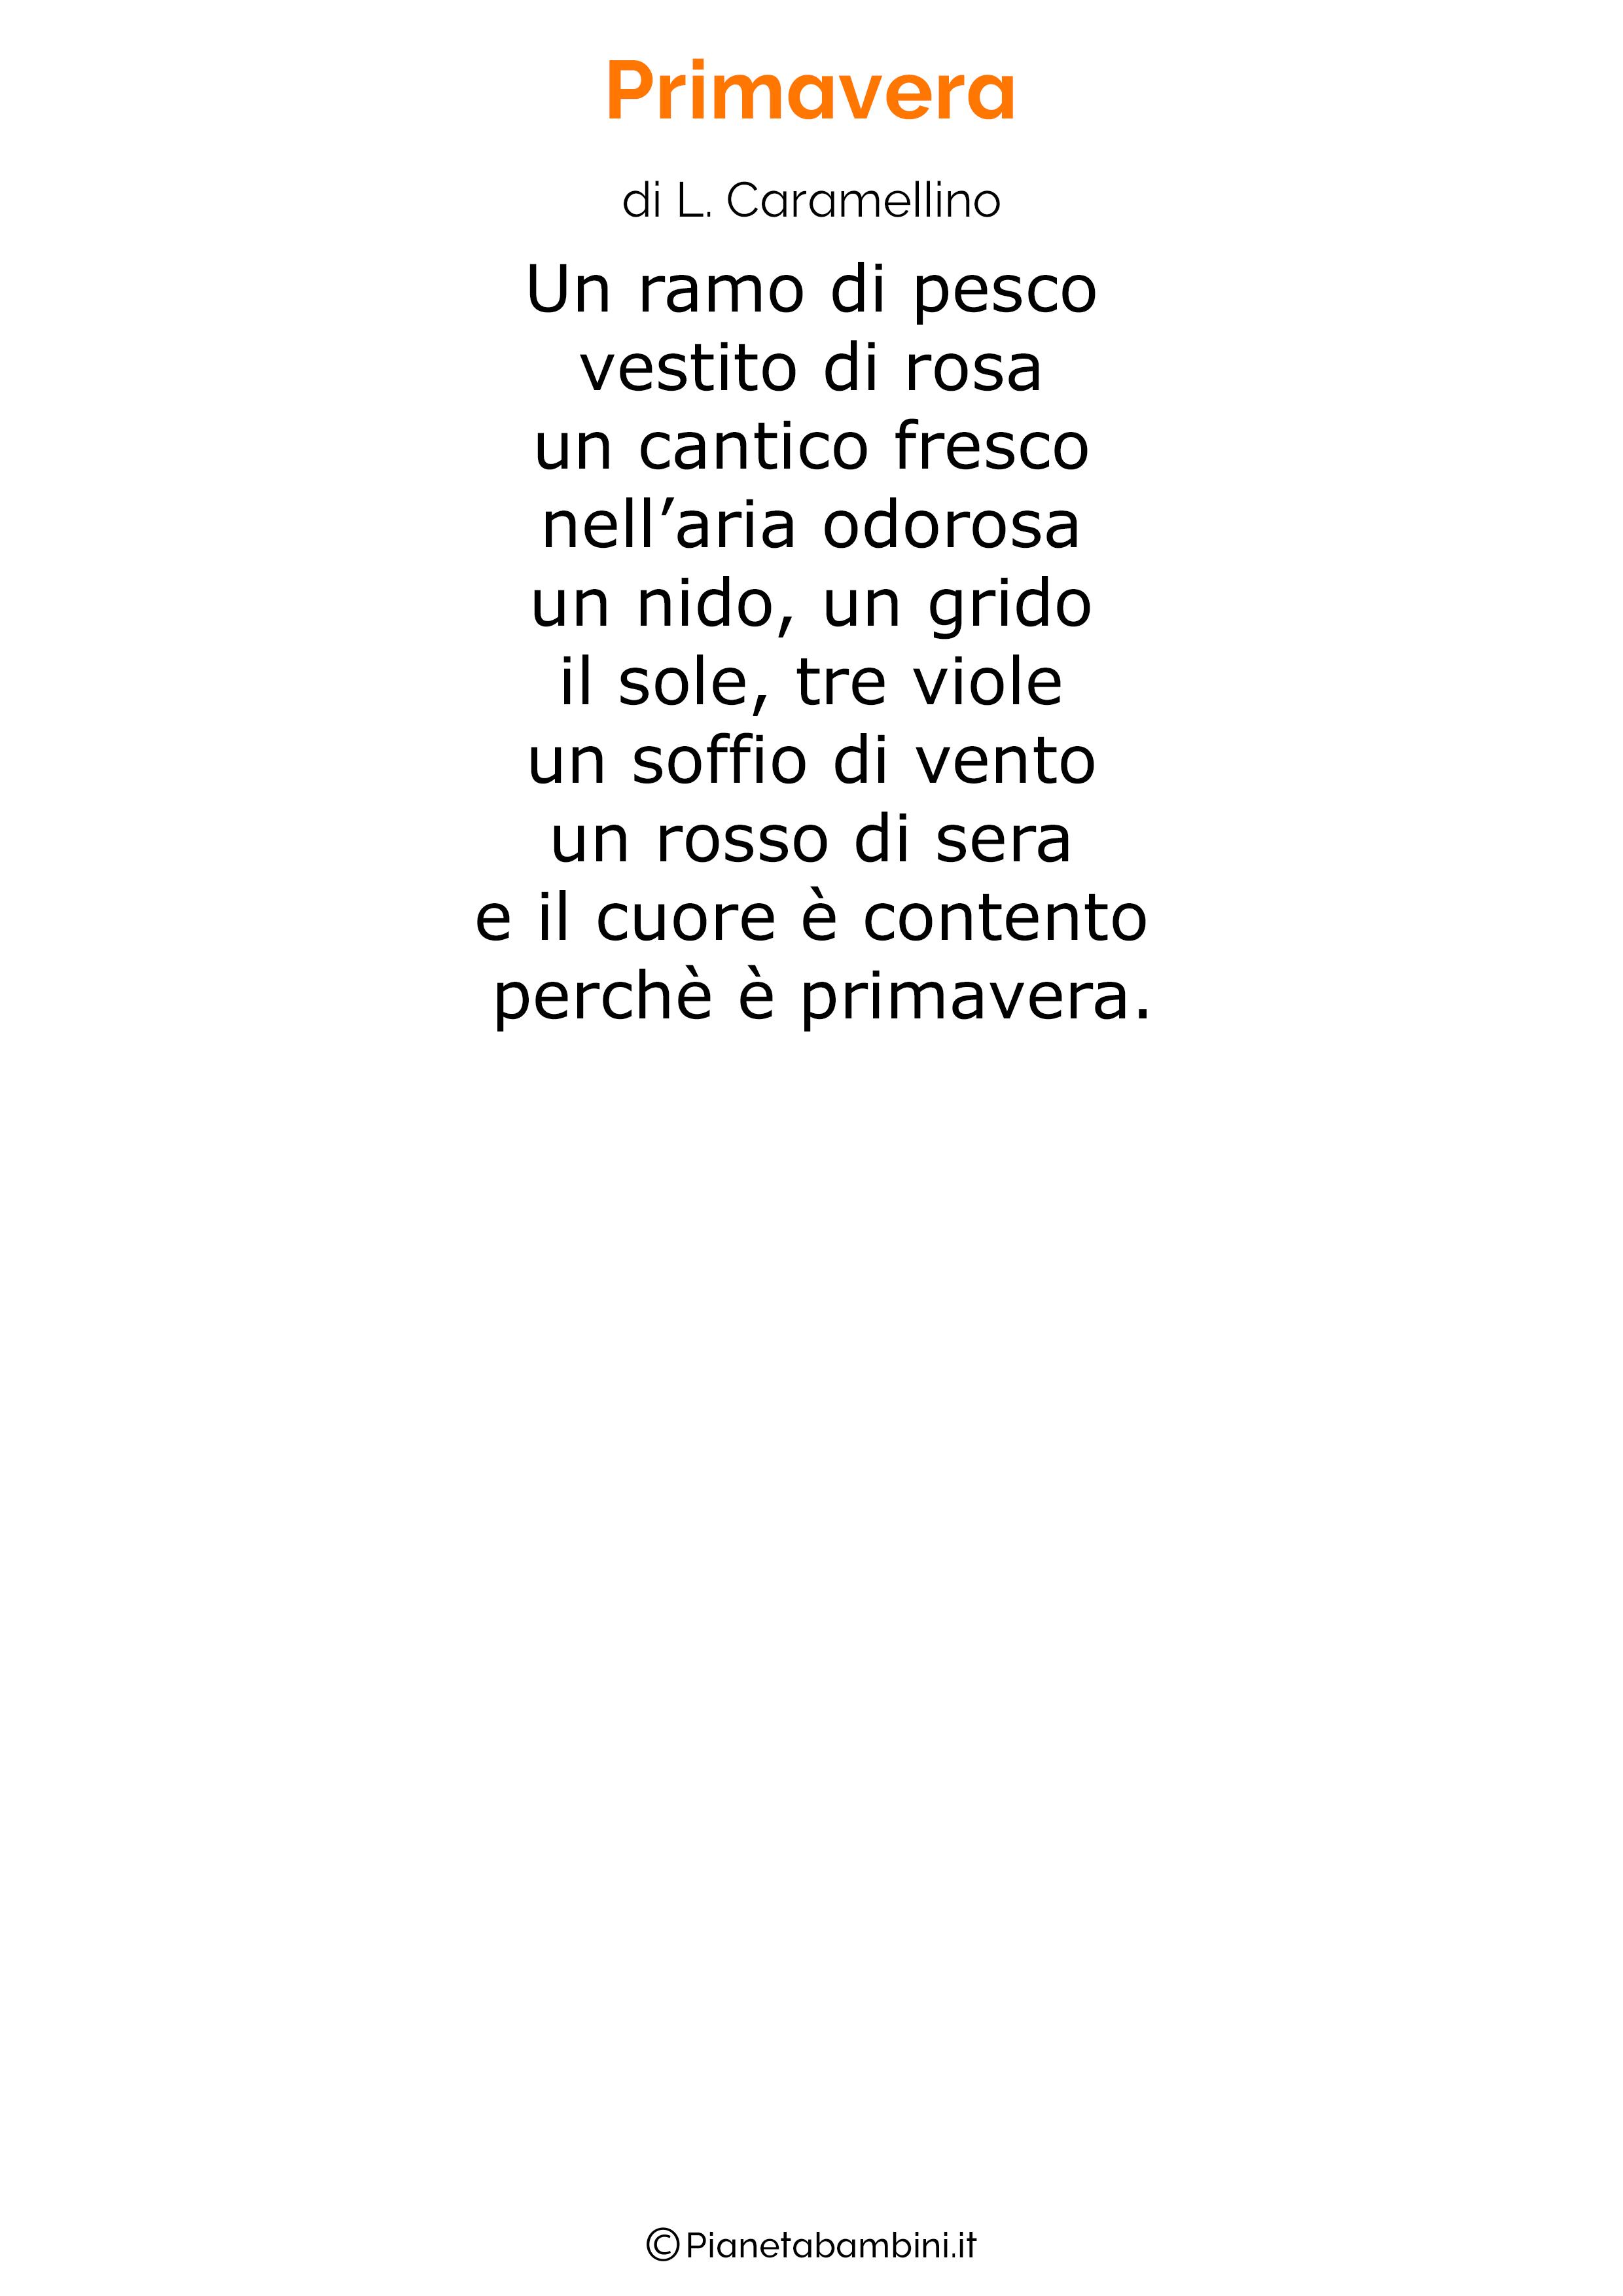 Poesia sulla Primavera 43